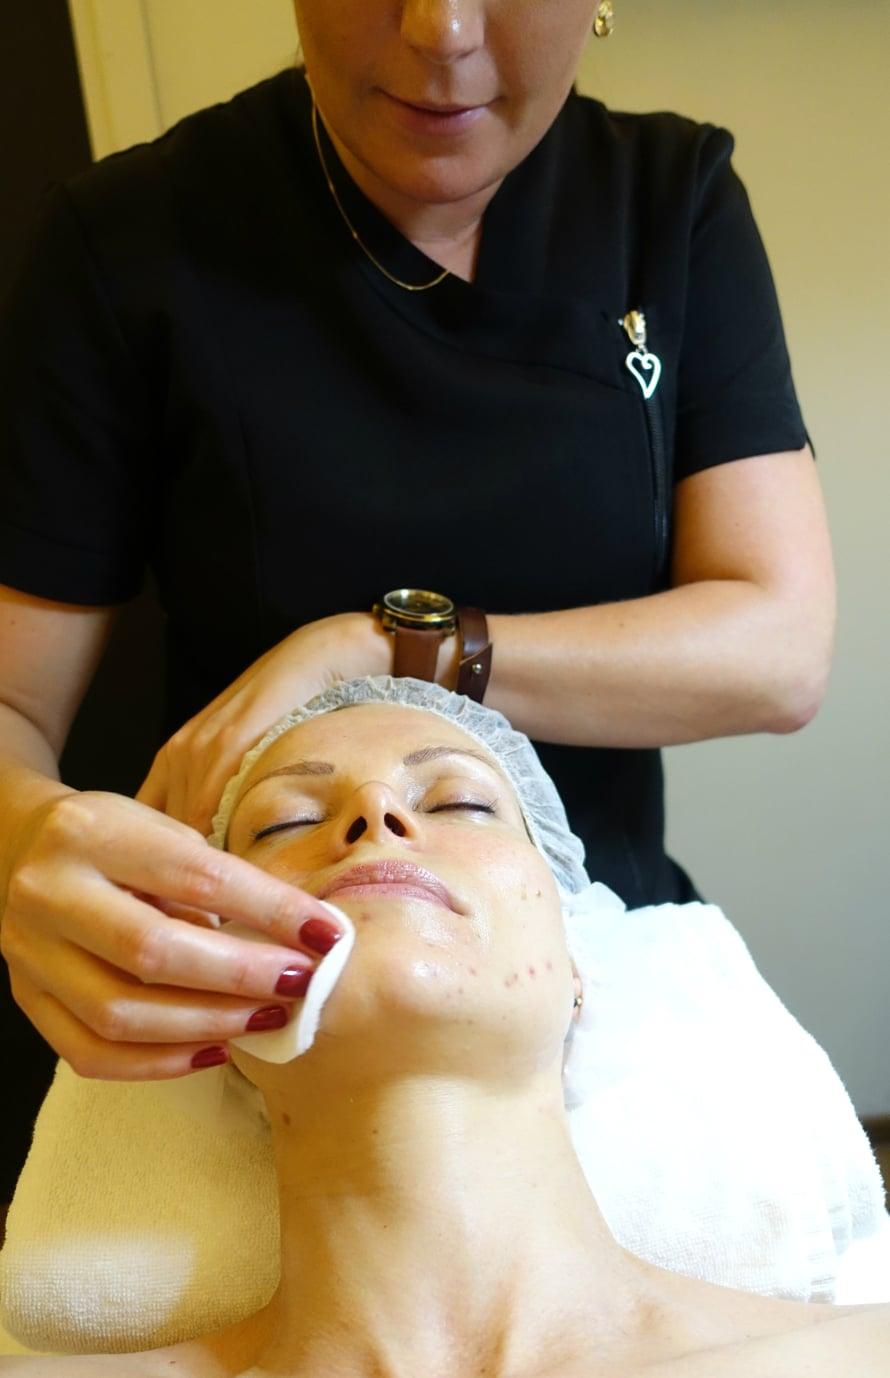 Glykopeel-hoidossa happo levitetään iholle siveltimellä ja sen annetaan vaikuttaa ihon reaktioista riippuen muutamista kymmenistä sekunneista muutamiin minuutteihin. Itselläni käsittelyaikaa pystyttiin pidentämään heti toisella kerralla. Lopuksi happo poistetaan neutralointiaineella.